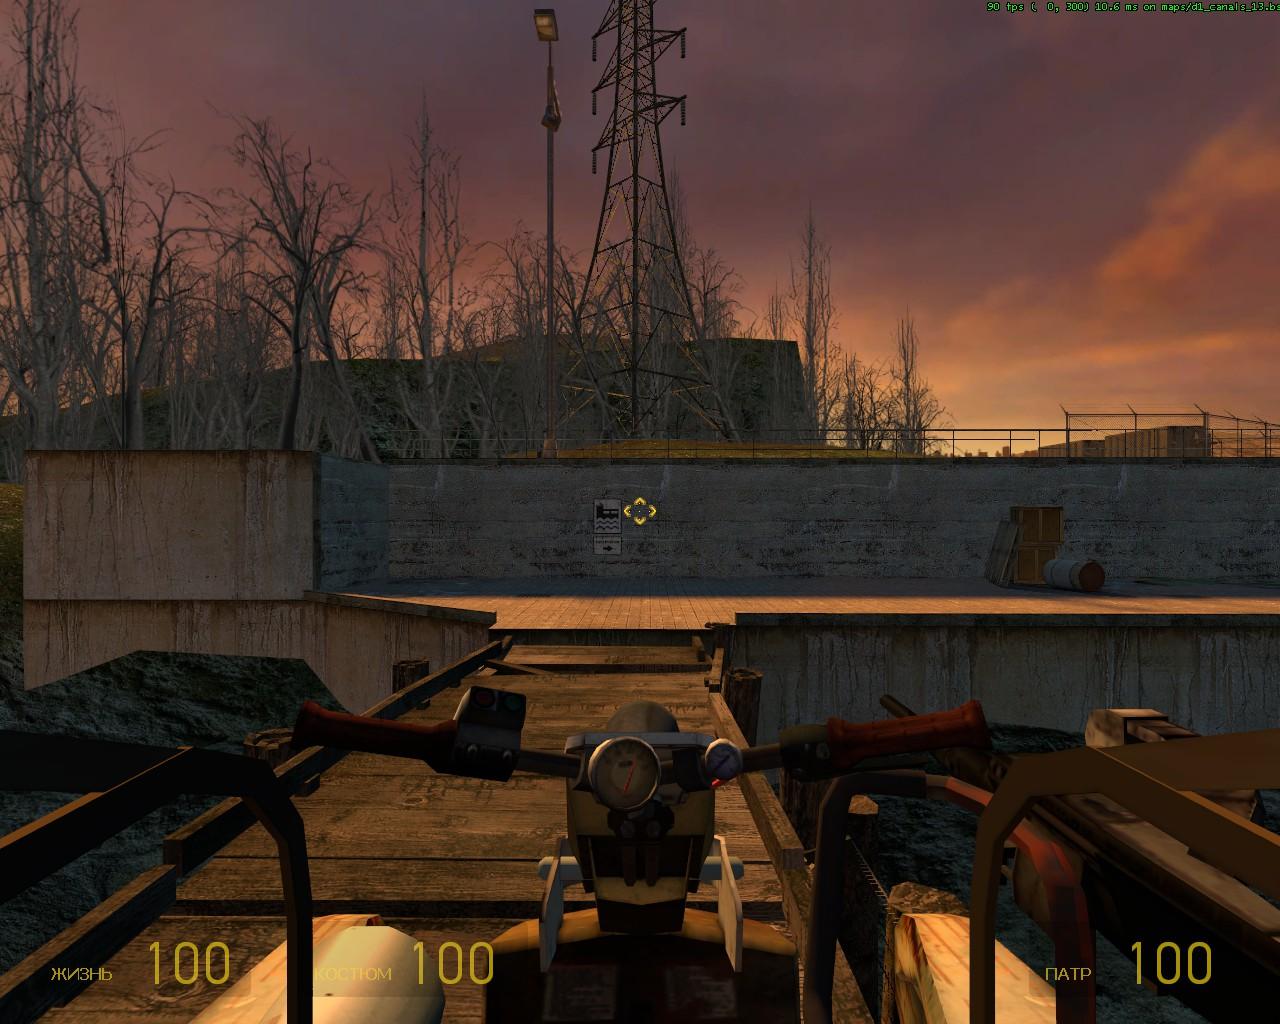 d1_canals_130002.jpg - Half-Life 2